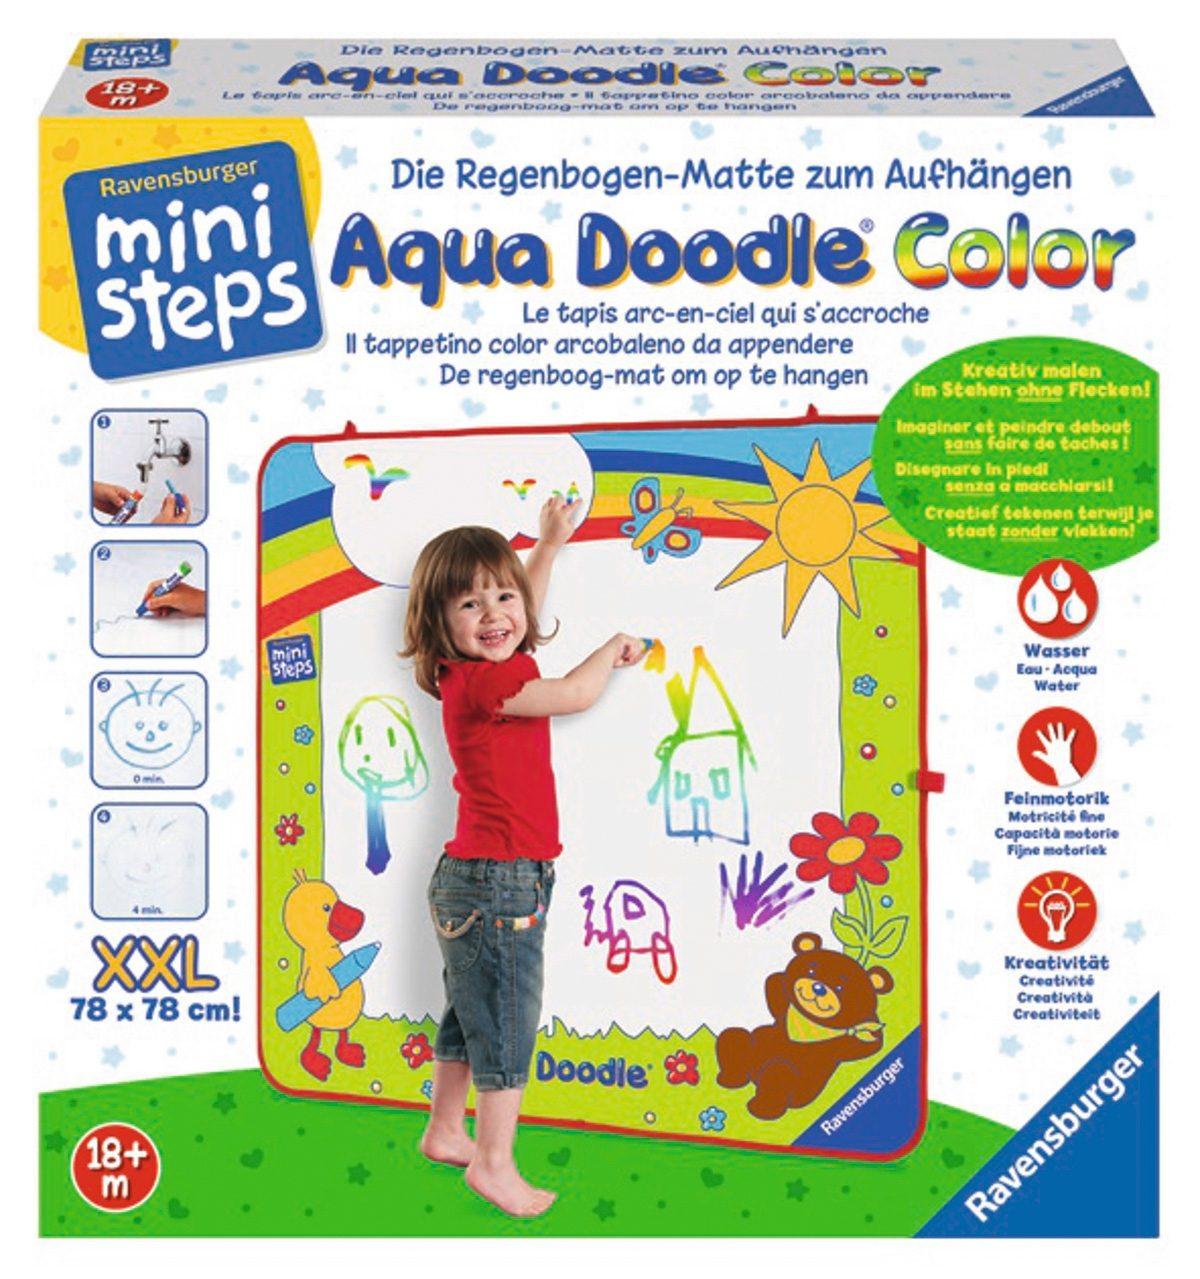 Ravensburger Maltafel, ministeps®, »Aqua Doodle® XXL Color«